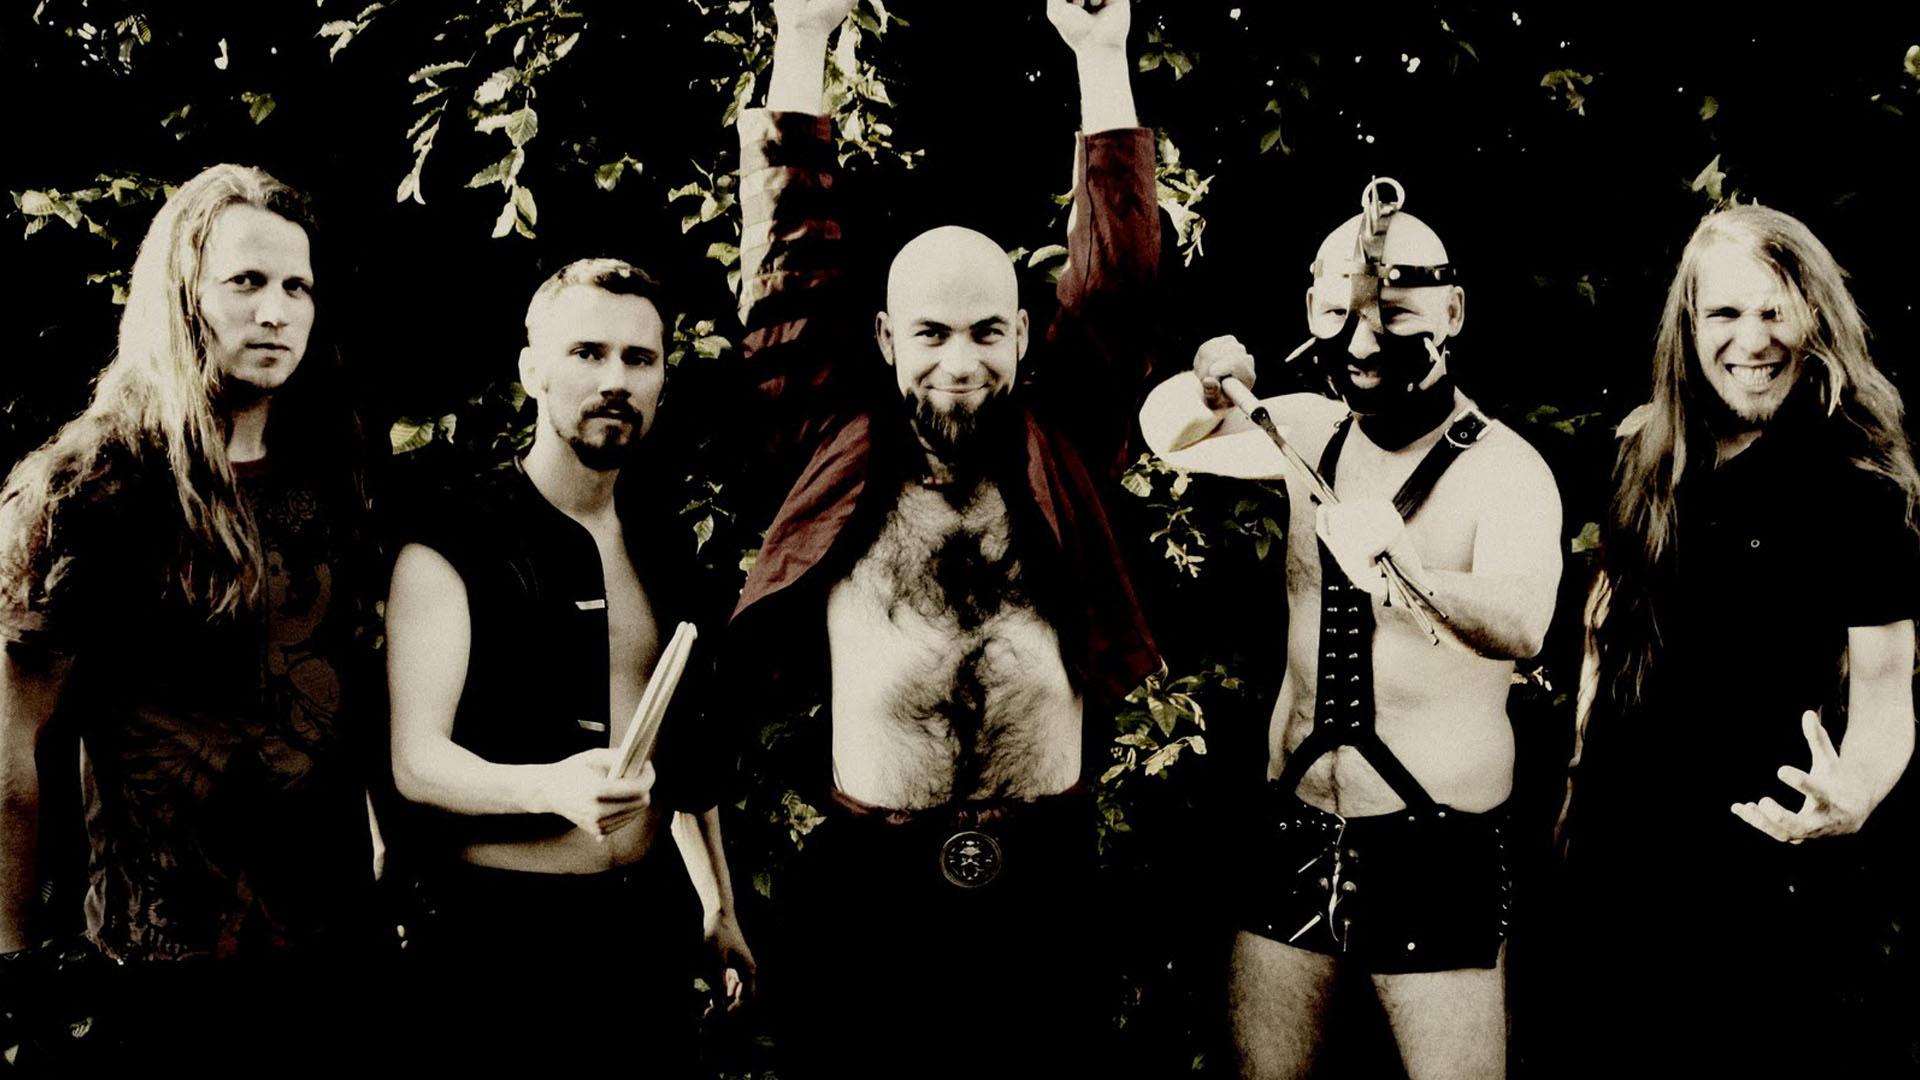 Die apokalyptischen reiter backdrop wallpaper pictures for Die apokalyptischen reiter